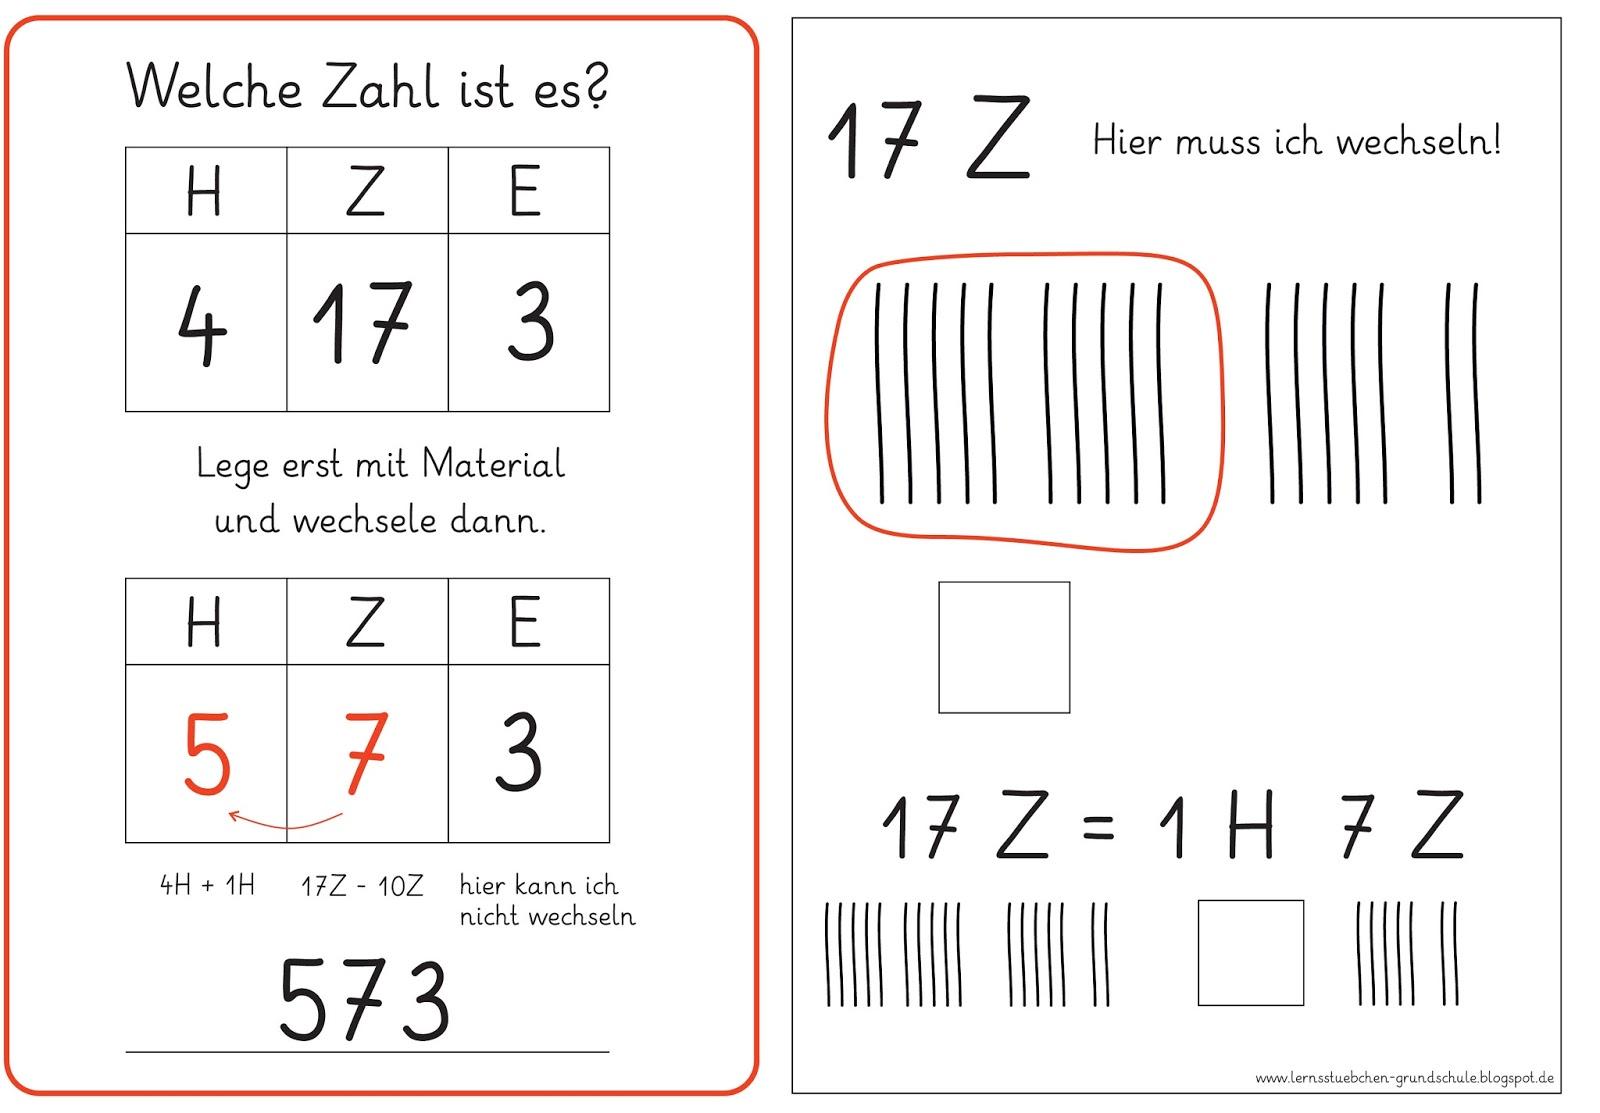 Wunderbar 3 Wege Wechseln Bilder - Der Schaltplan - greigo.com